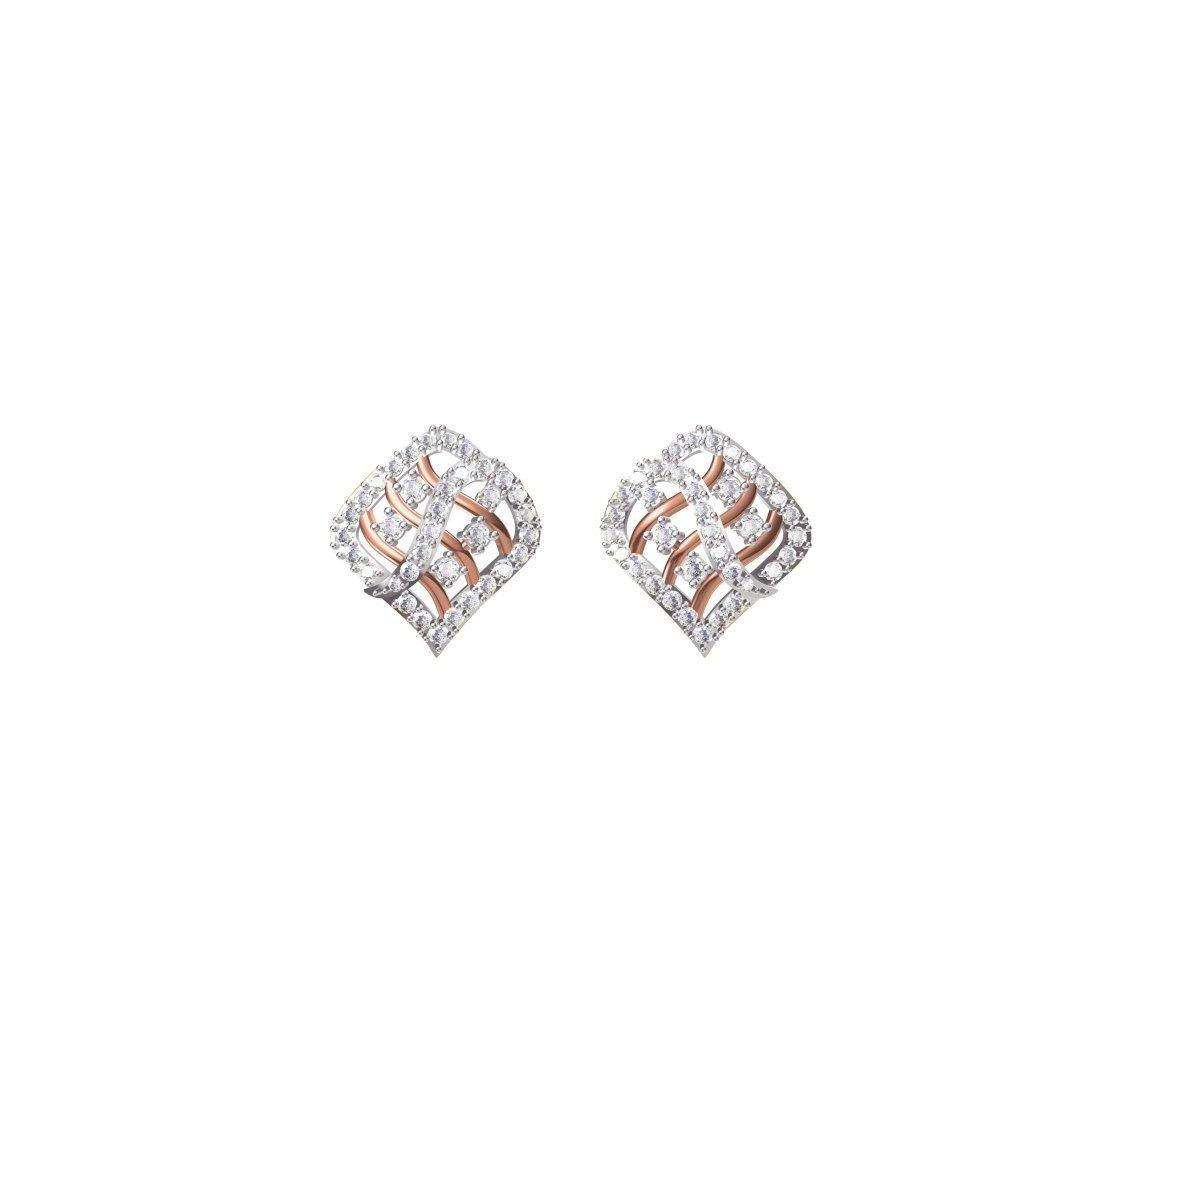 Wallflower Diamond Earrings